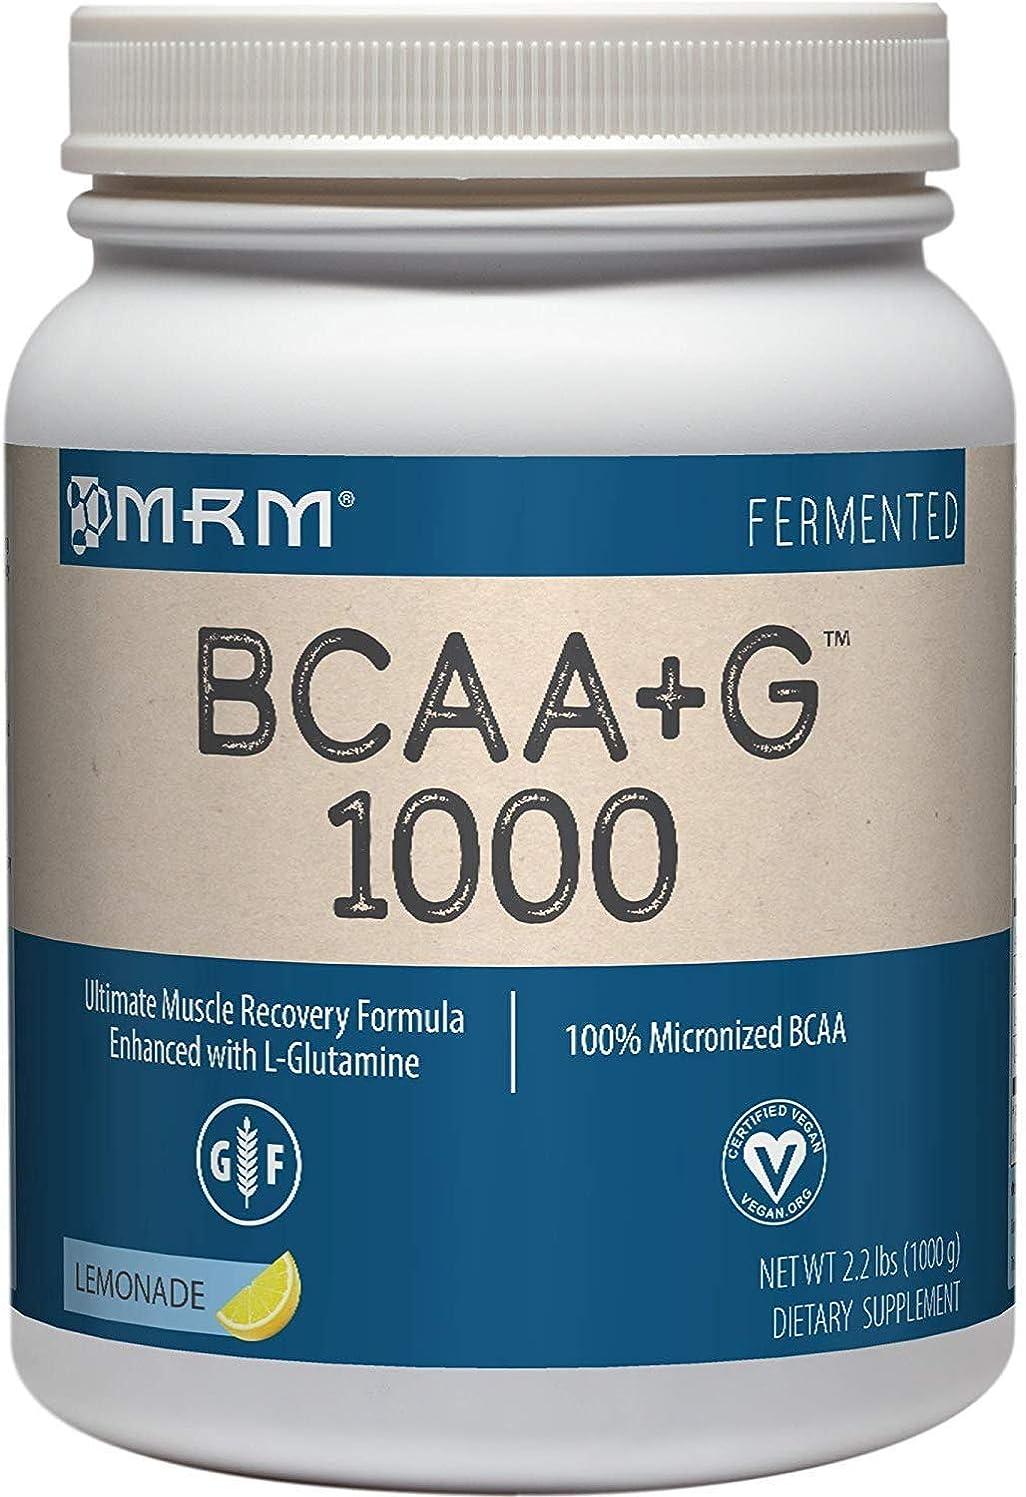 業界発明する運命BCAA+G1000 レモネード味 1kg [並行輸入品][海外直送品] -3 Packs